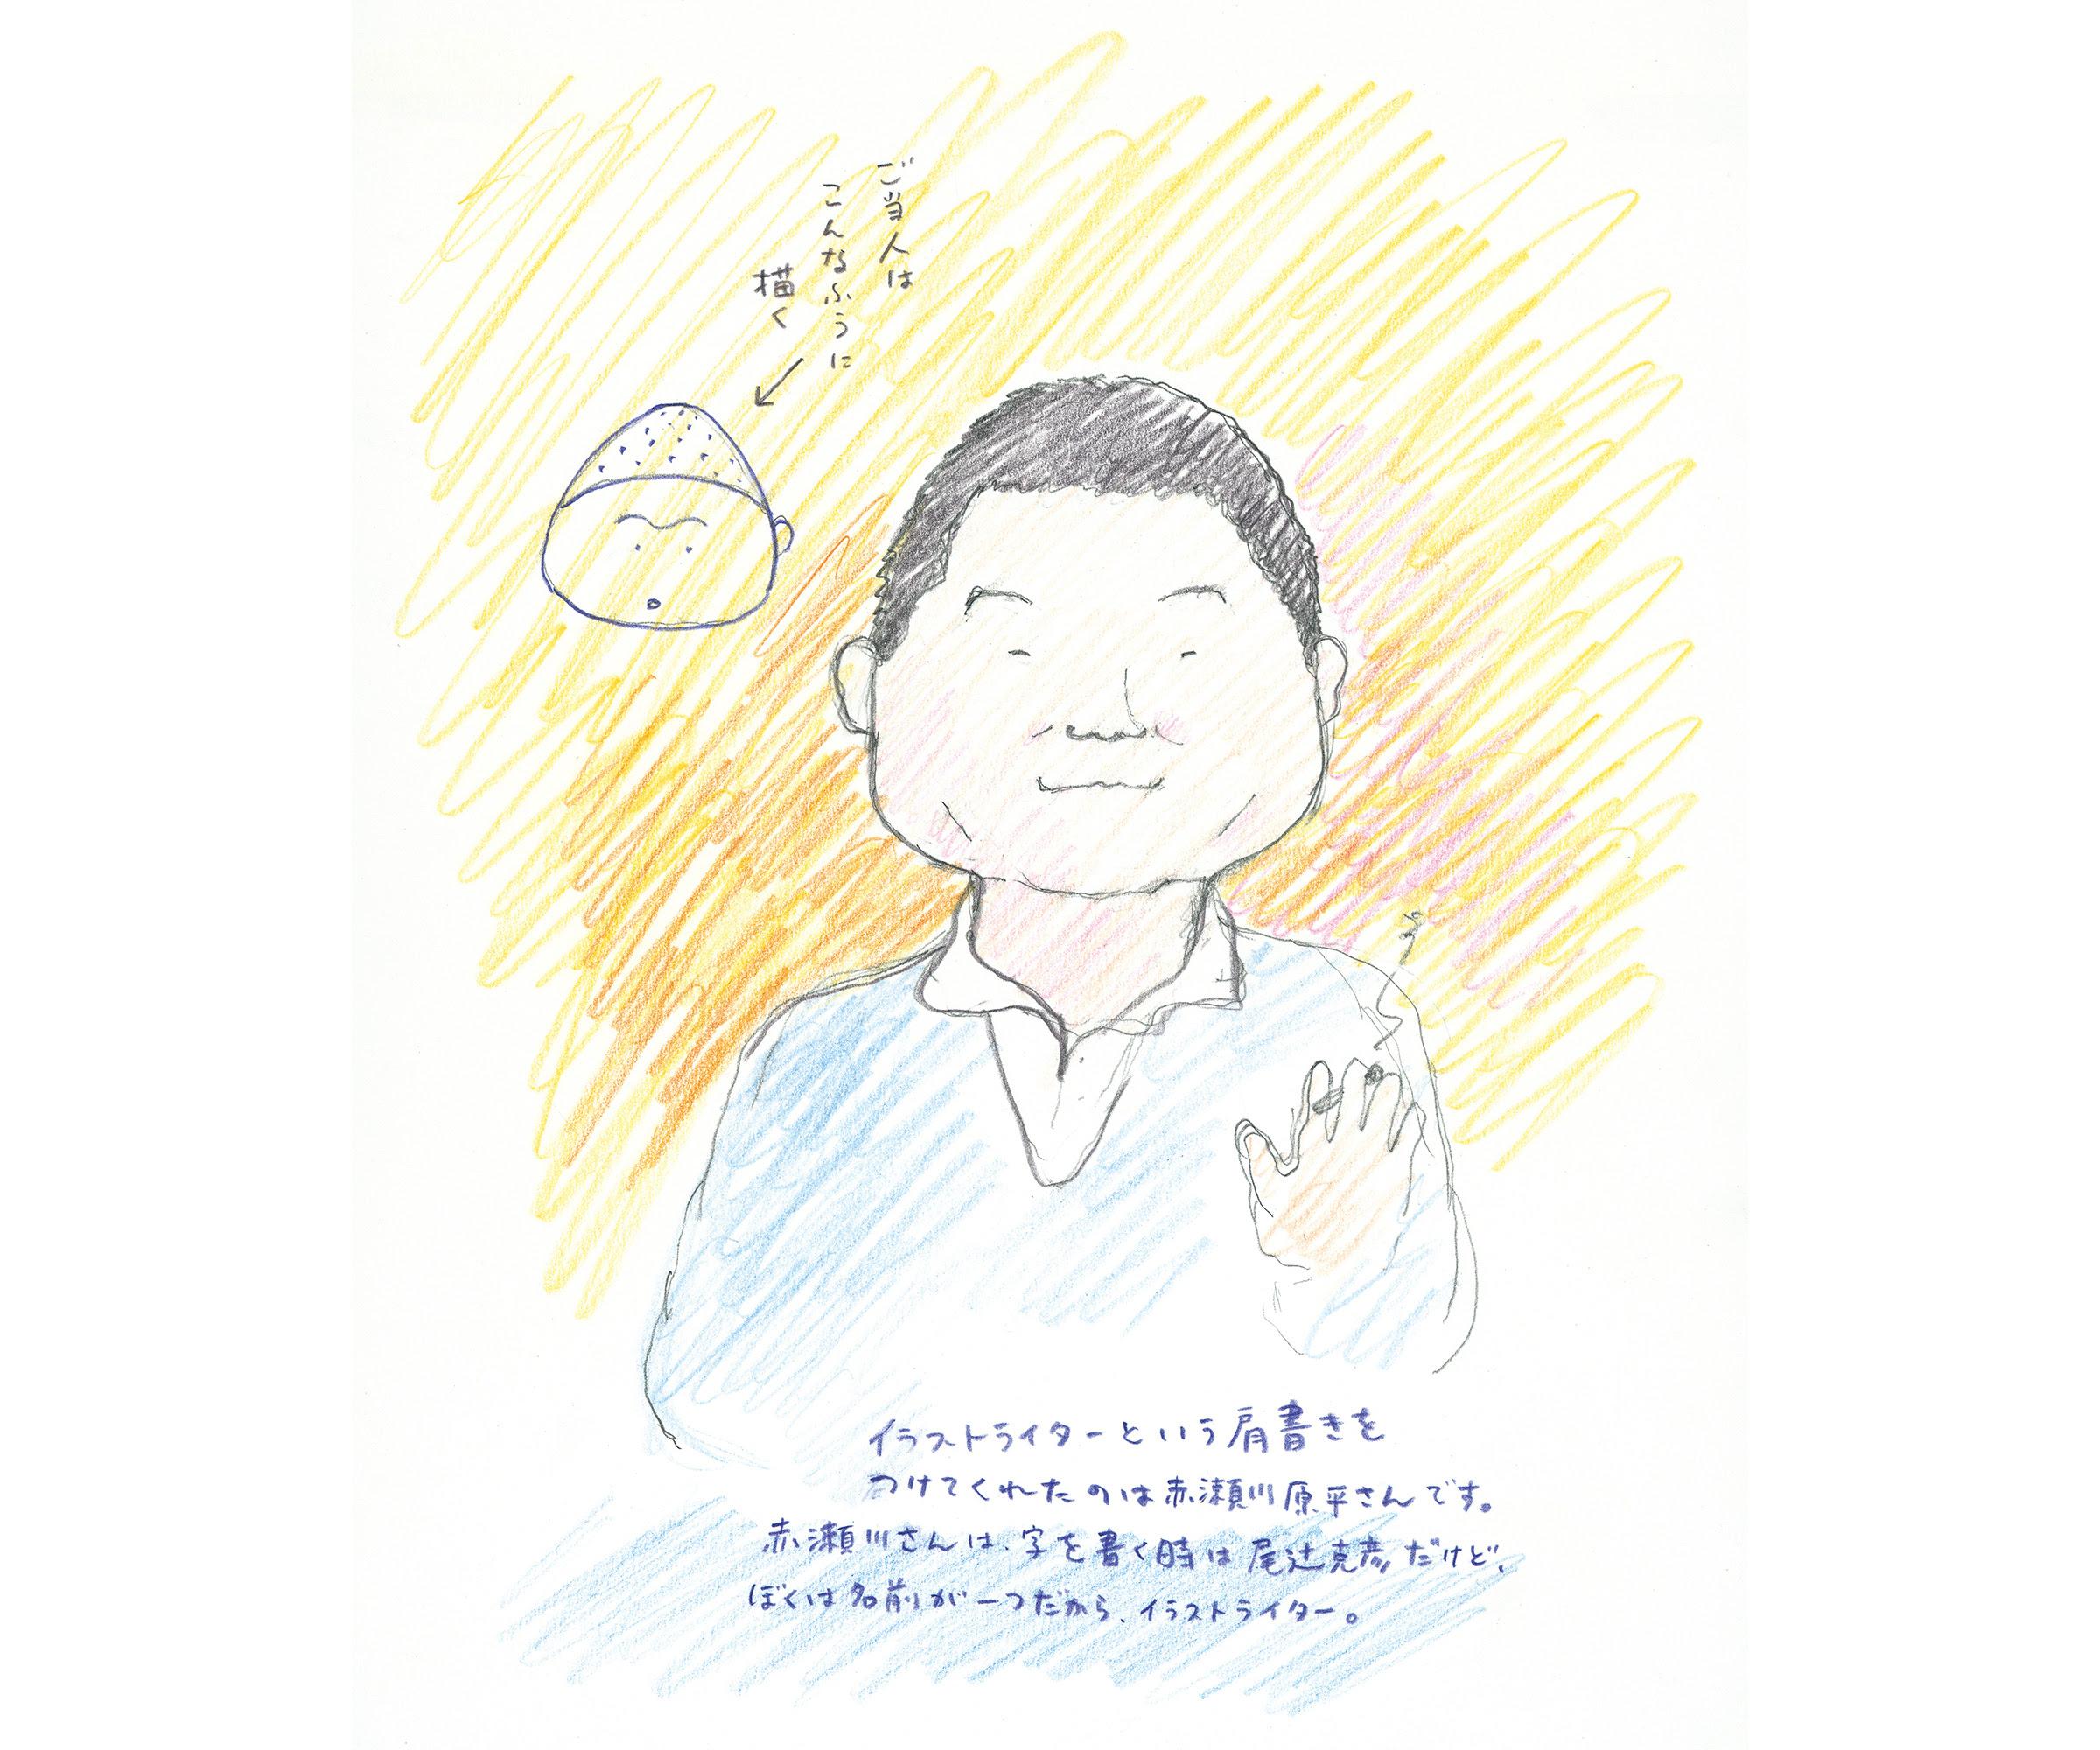 和田誠 わだまこと Makoto Wada オフィシャルサイト Portrait